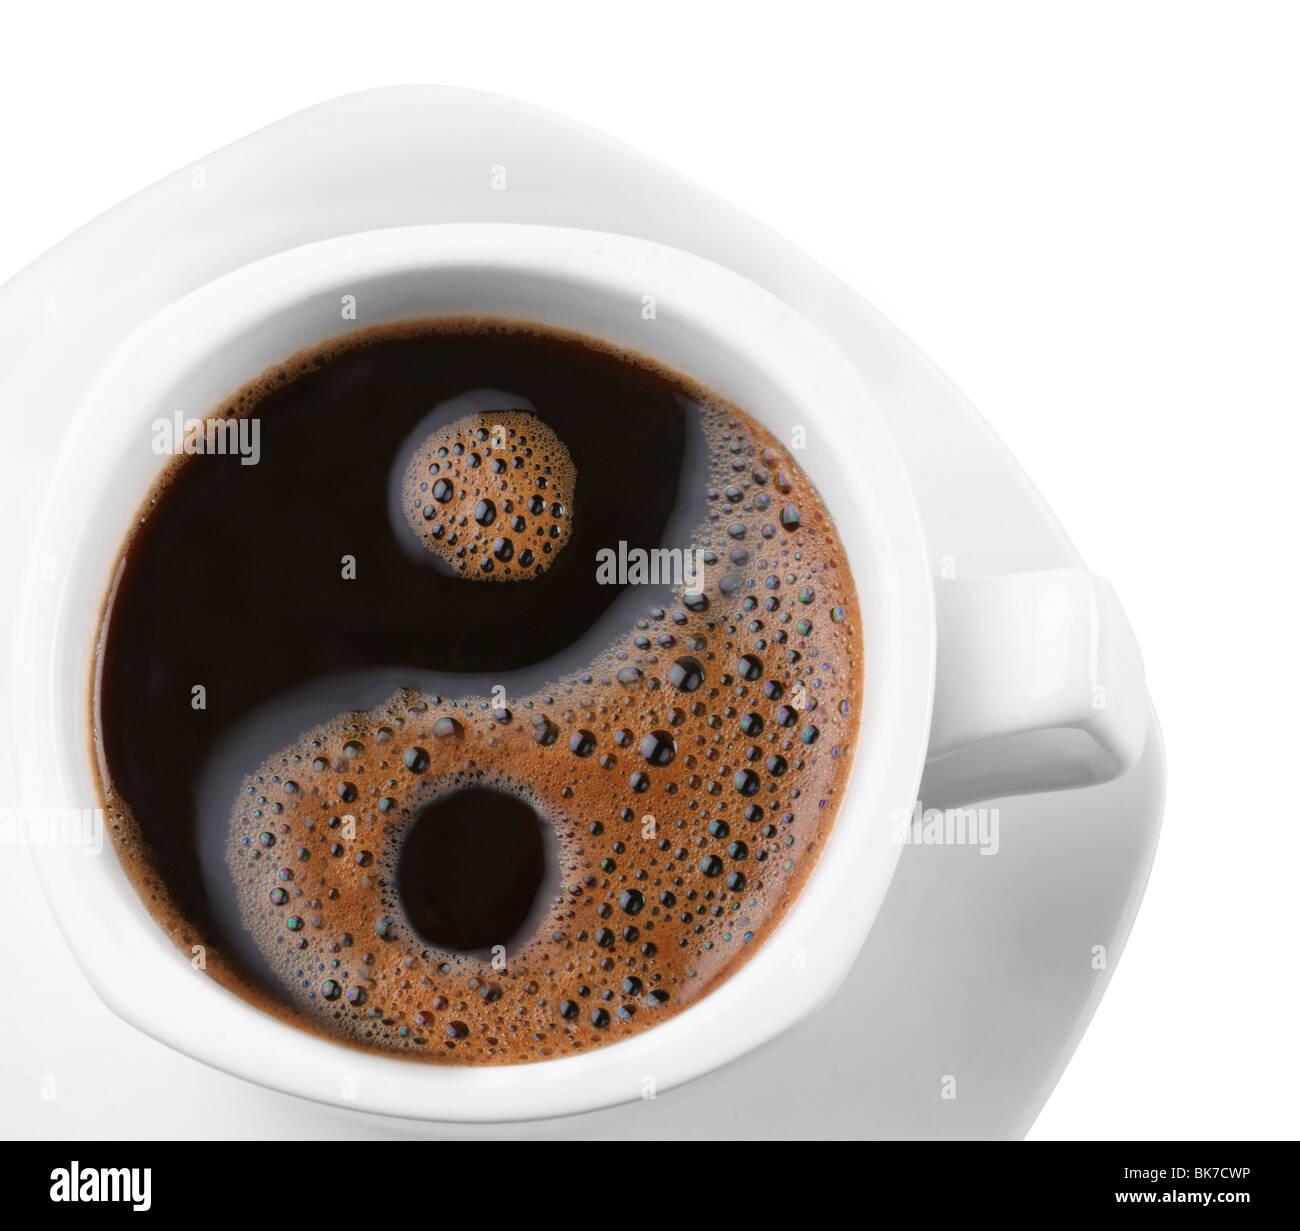 La mousse dans une tasse de café comme un symbole du Yin Yang Photo Stock